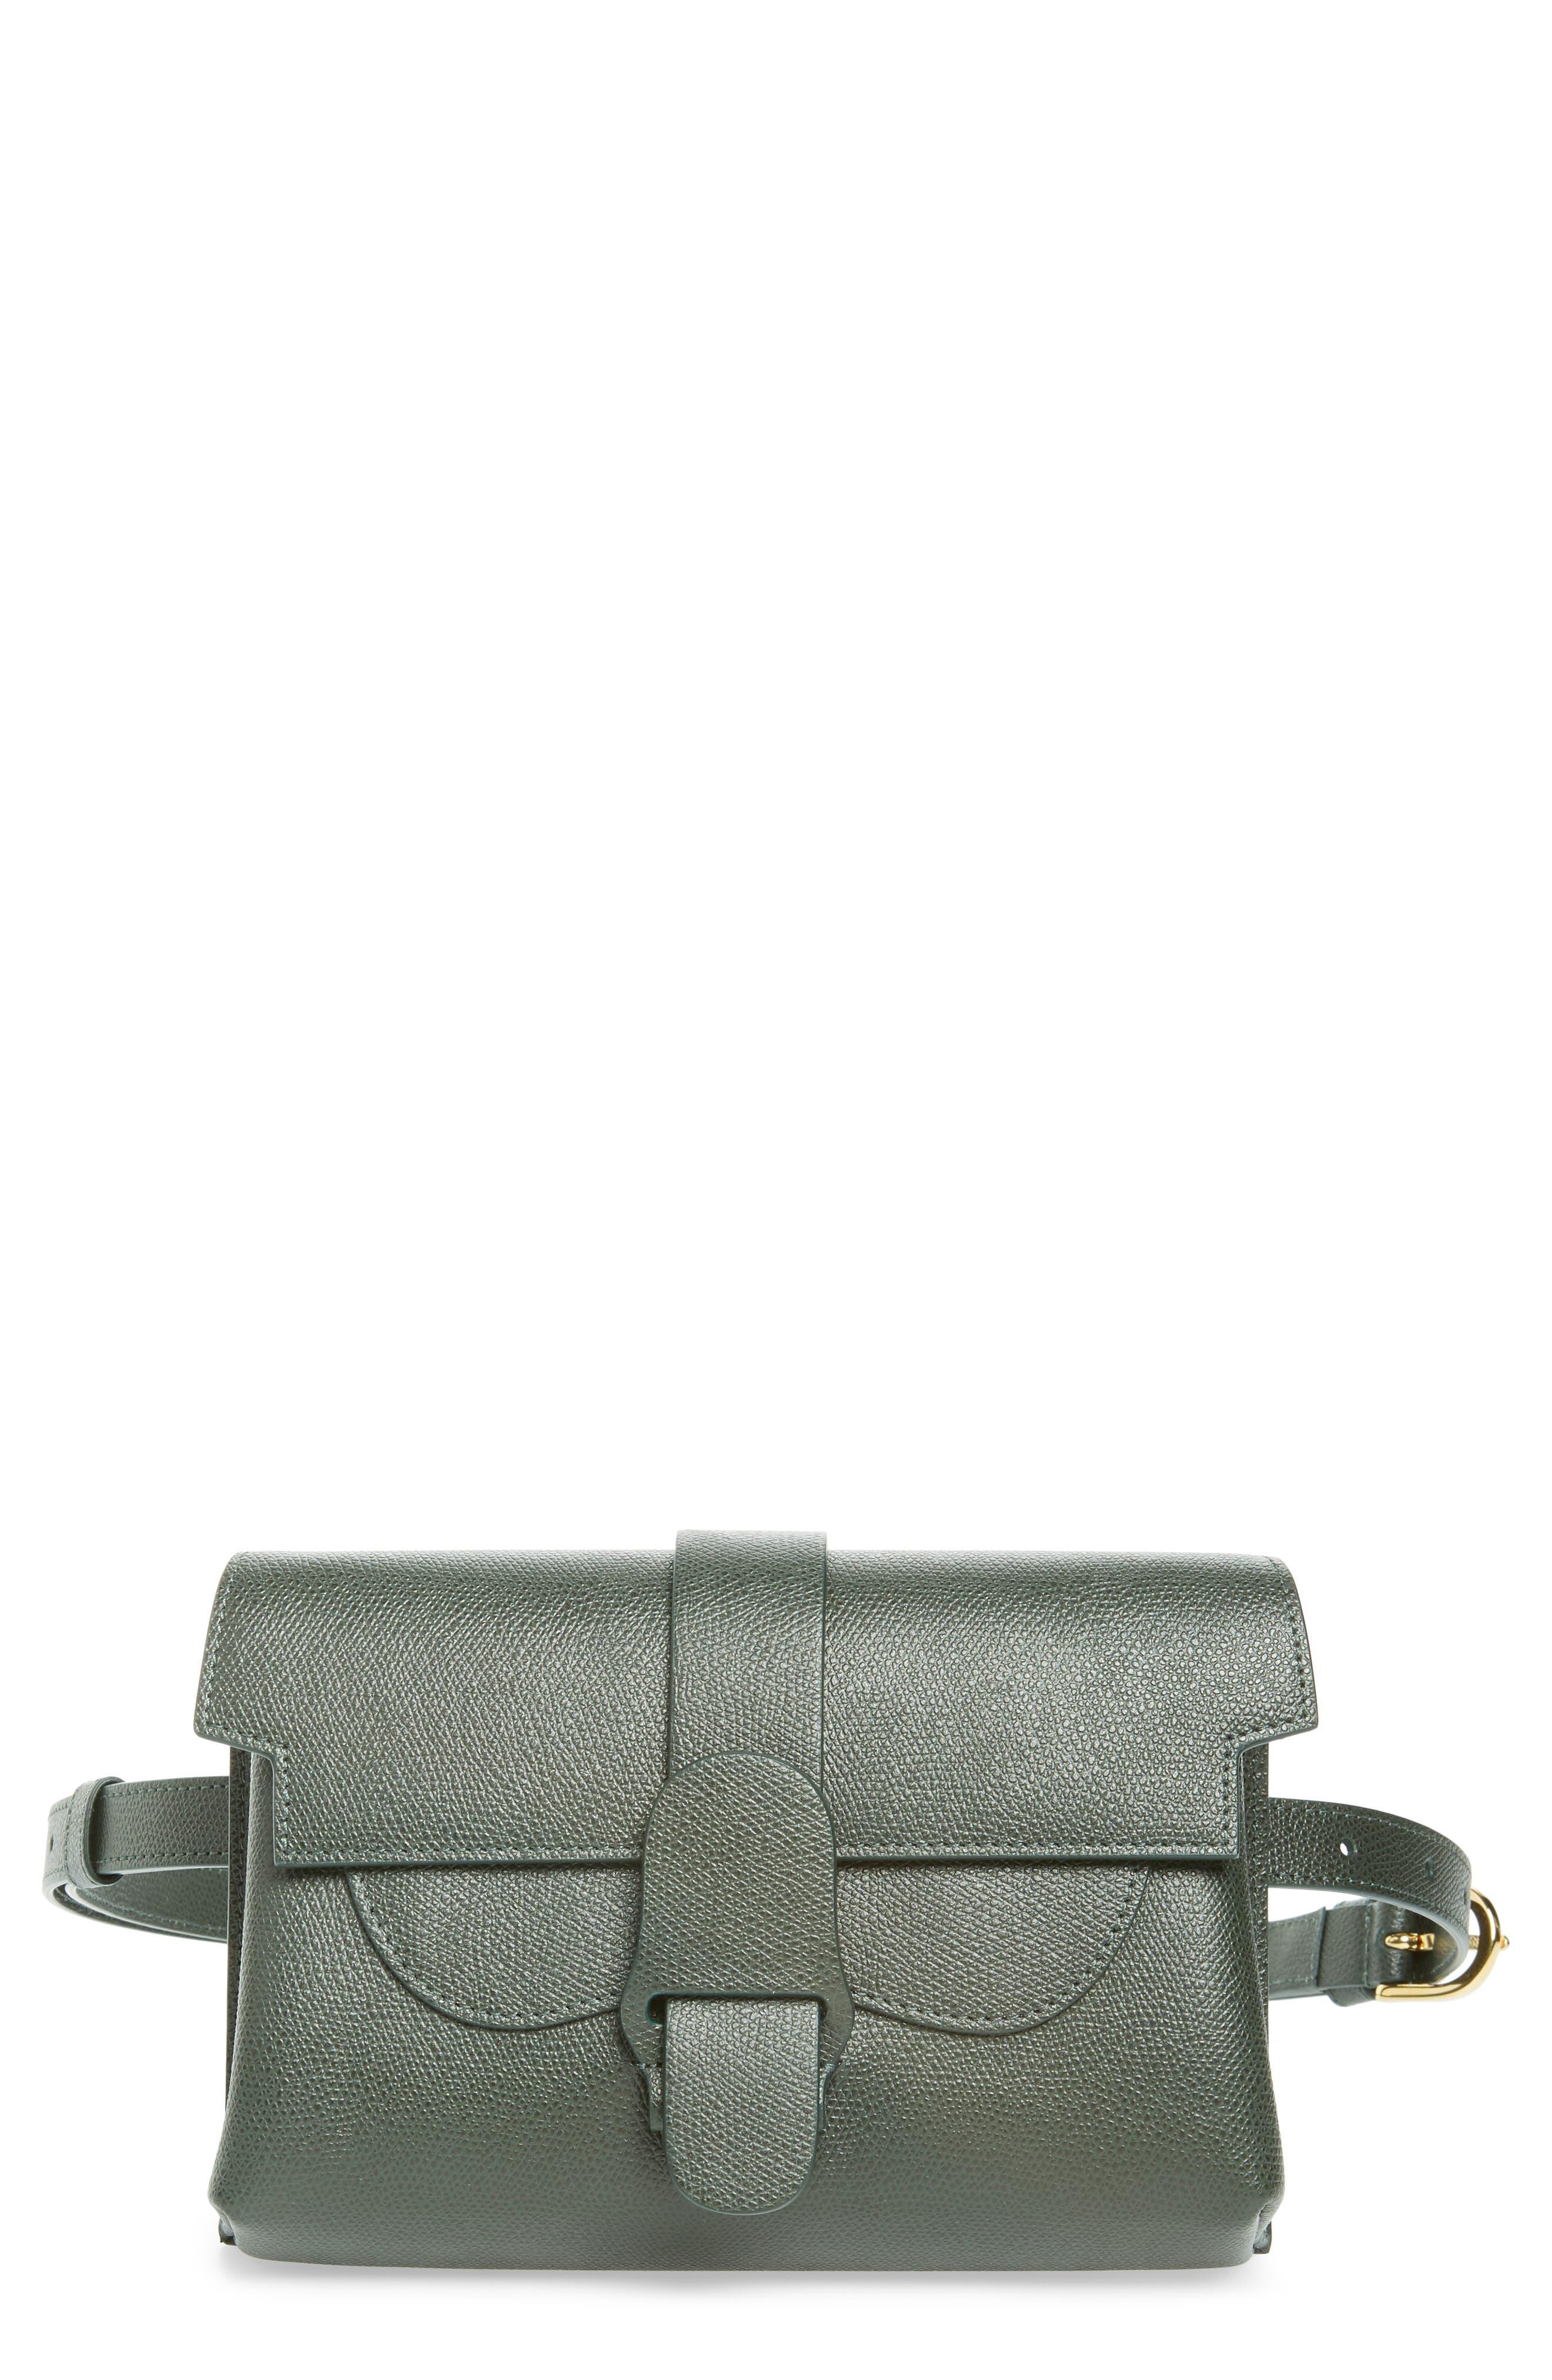 SENREVE Aria Leather Belt Bag - Green in Forest